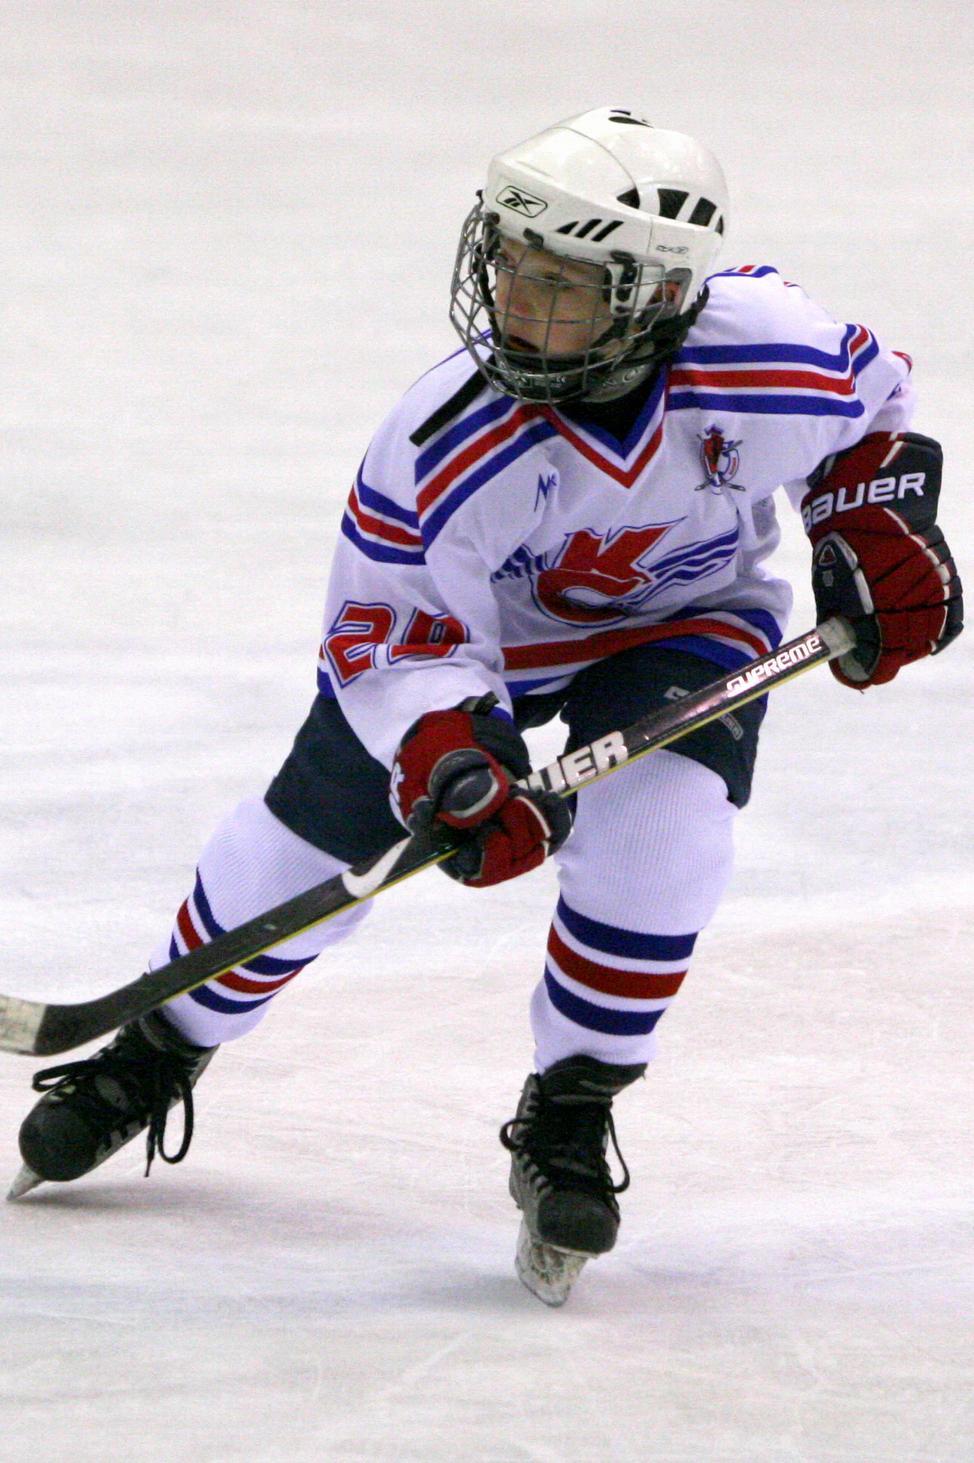 хоккеист, фото, скачать, хоккей